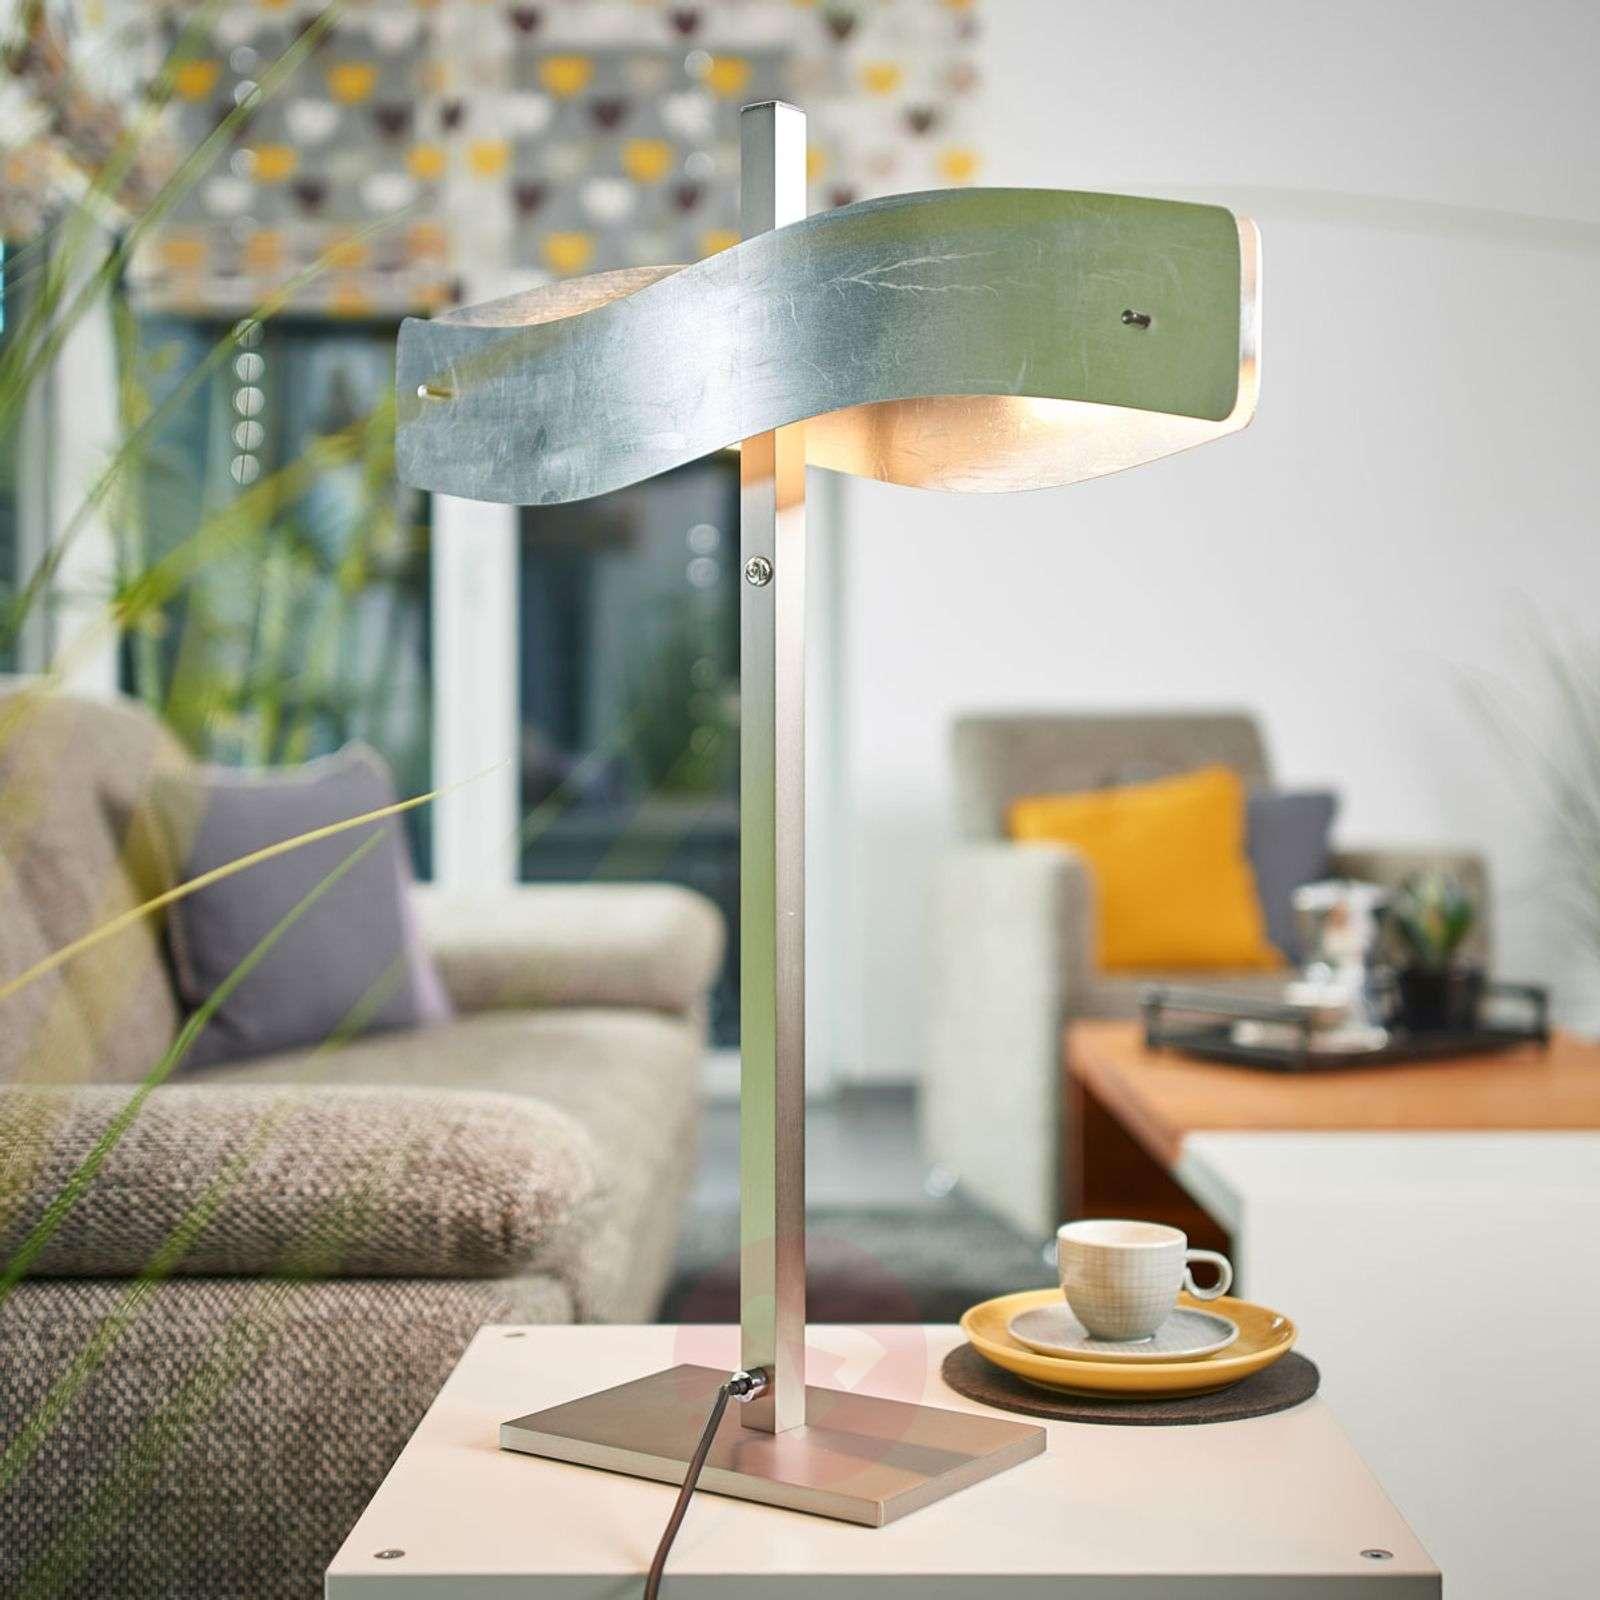 Saksassa valmistettu LED-pöytävalaisin Lian-6722416-01